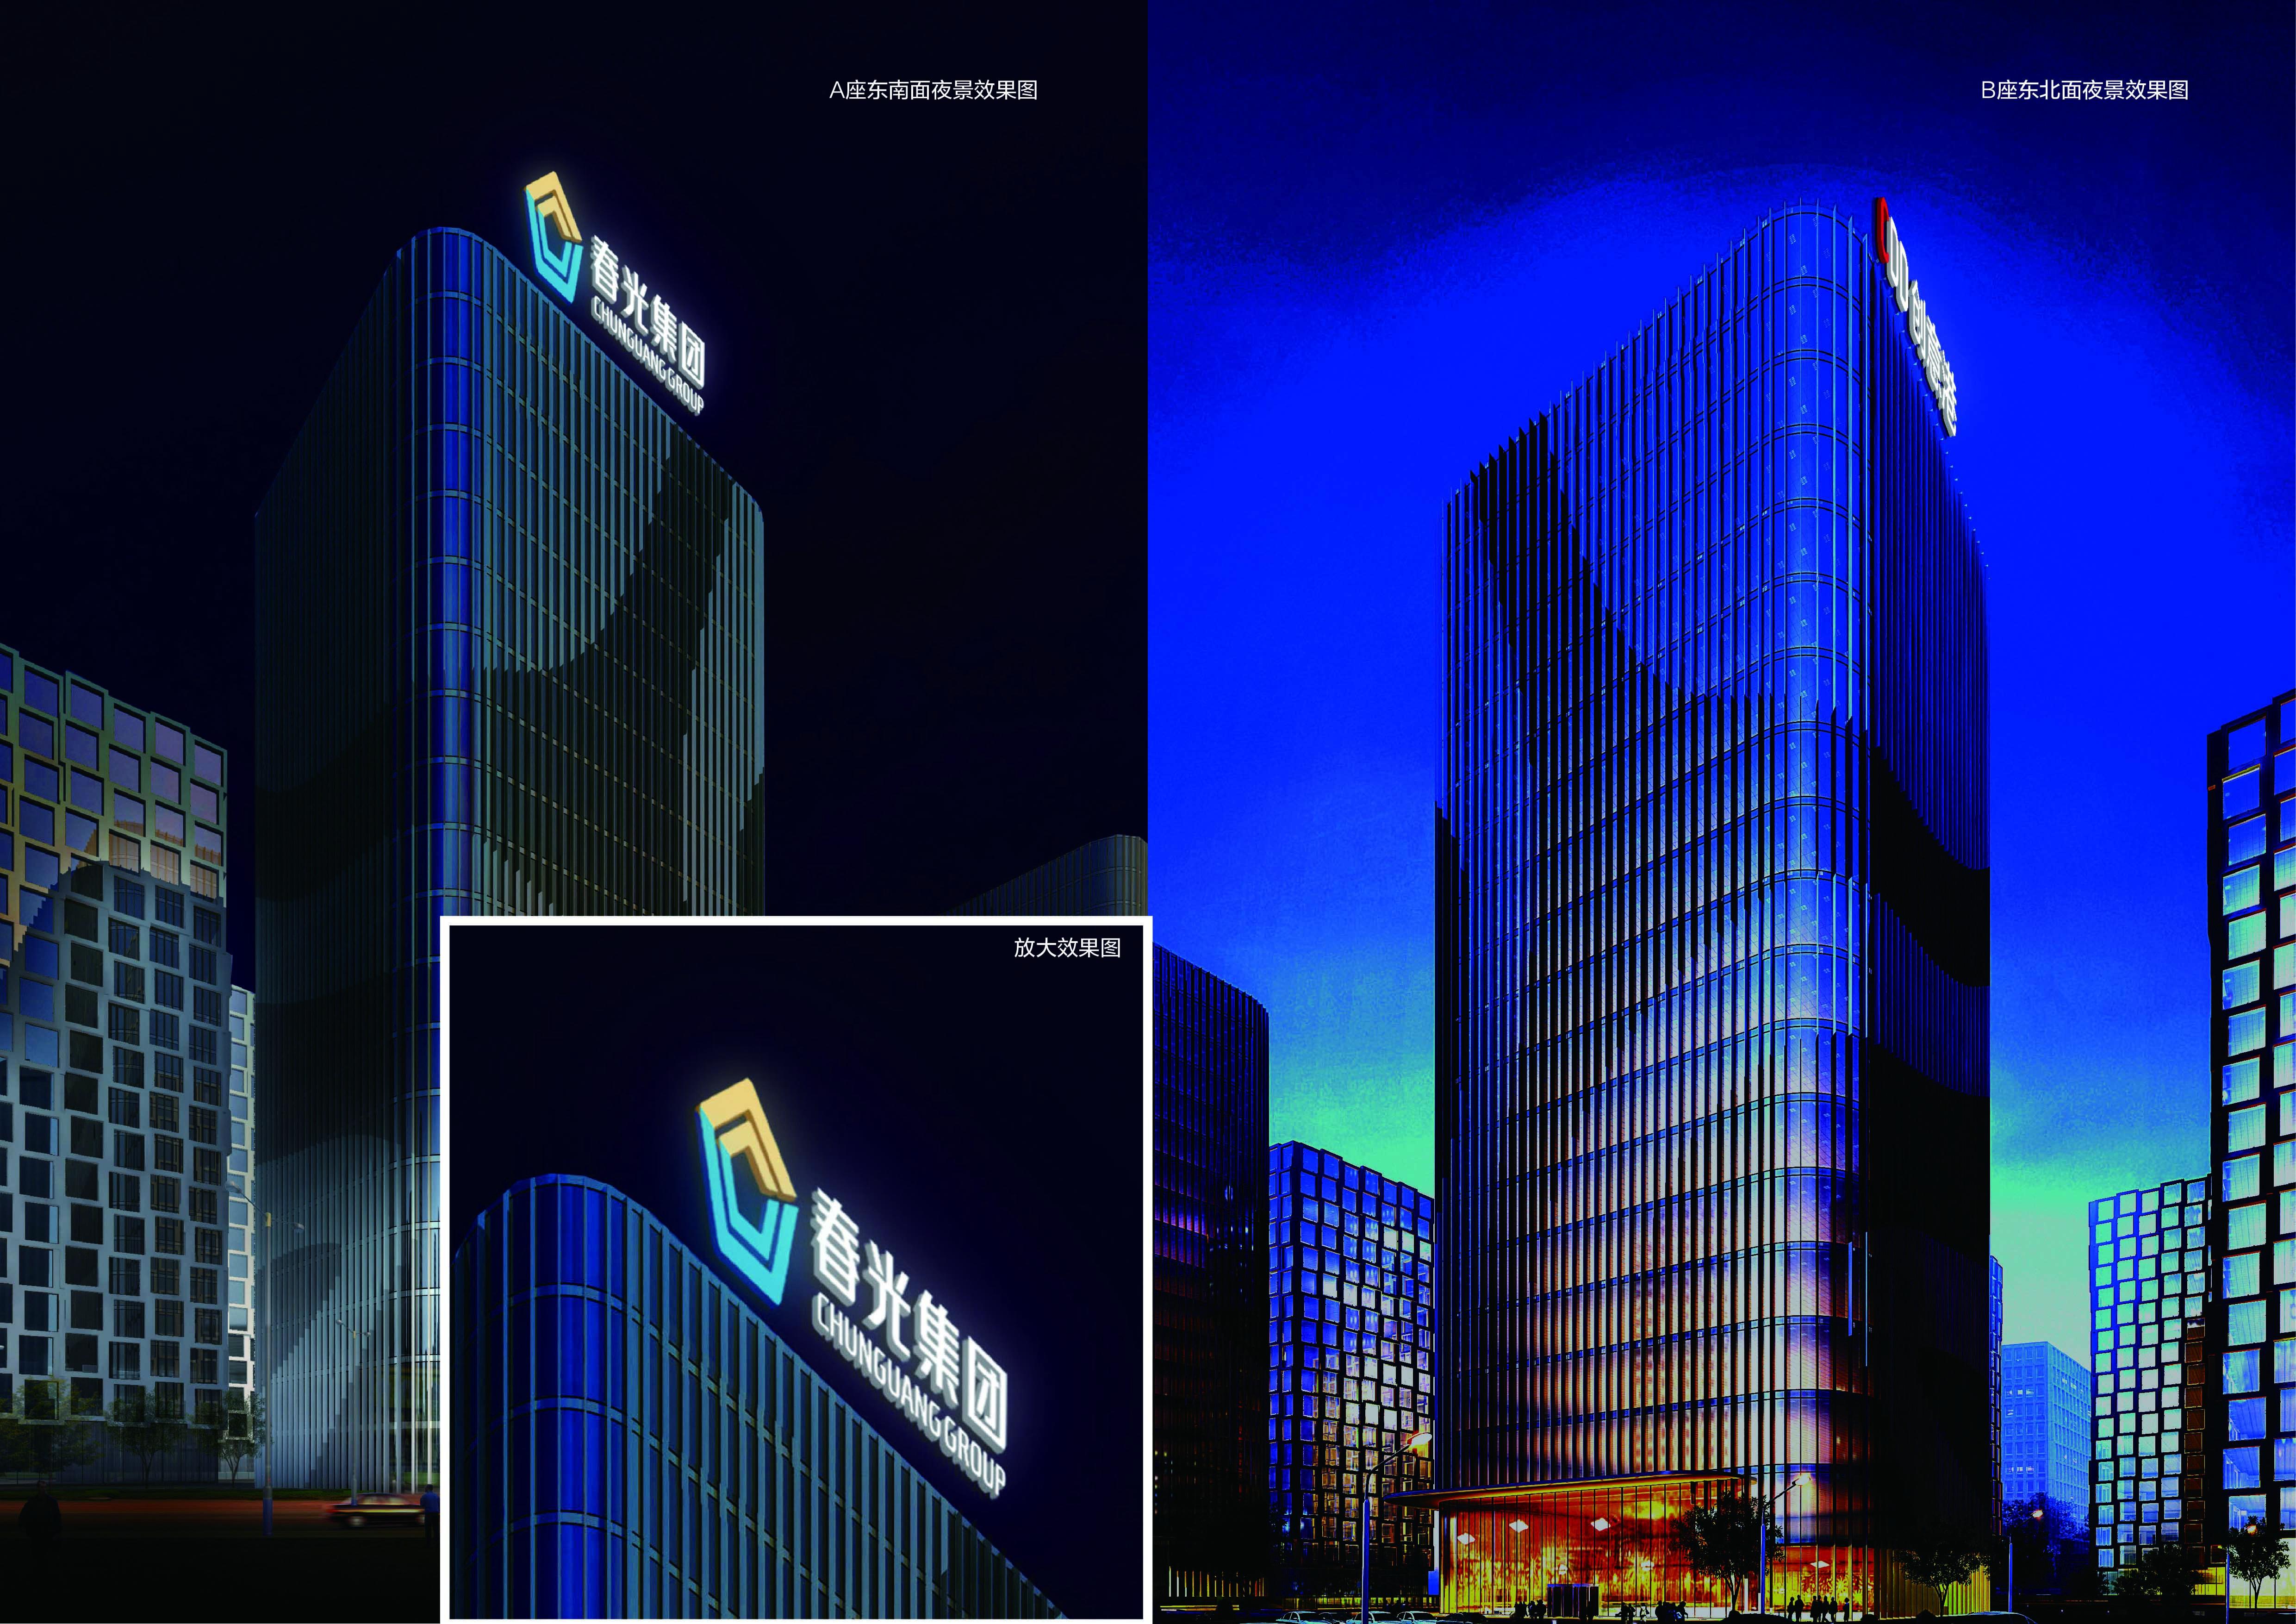 页面提取自-嘉悦广场楼体形象标识设计方案2014.05.27